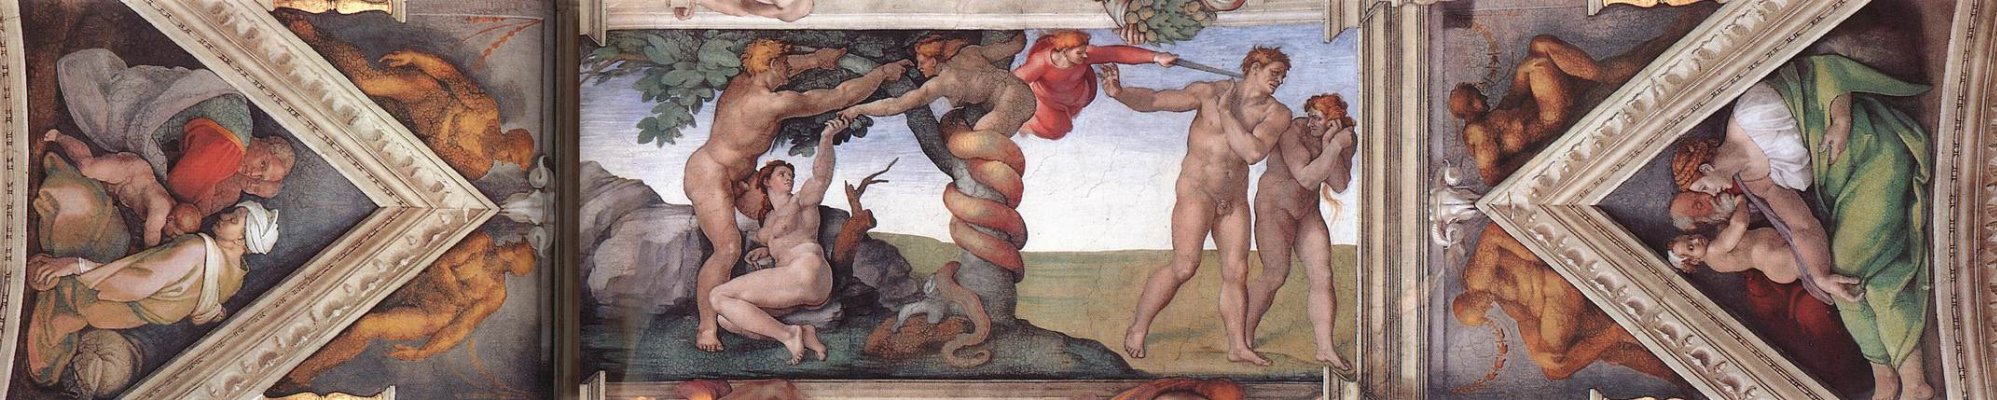 Микеланджело Буонарроти. Потолок Сикстинской капеллы. Фрагмент